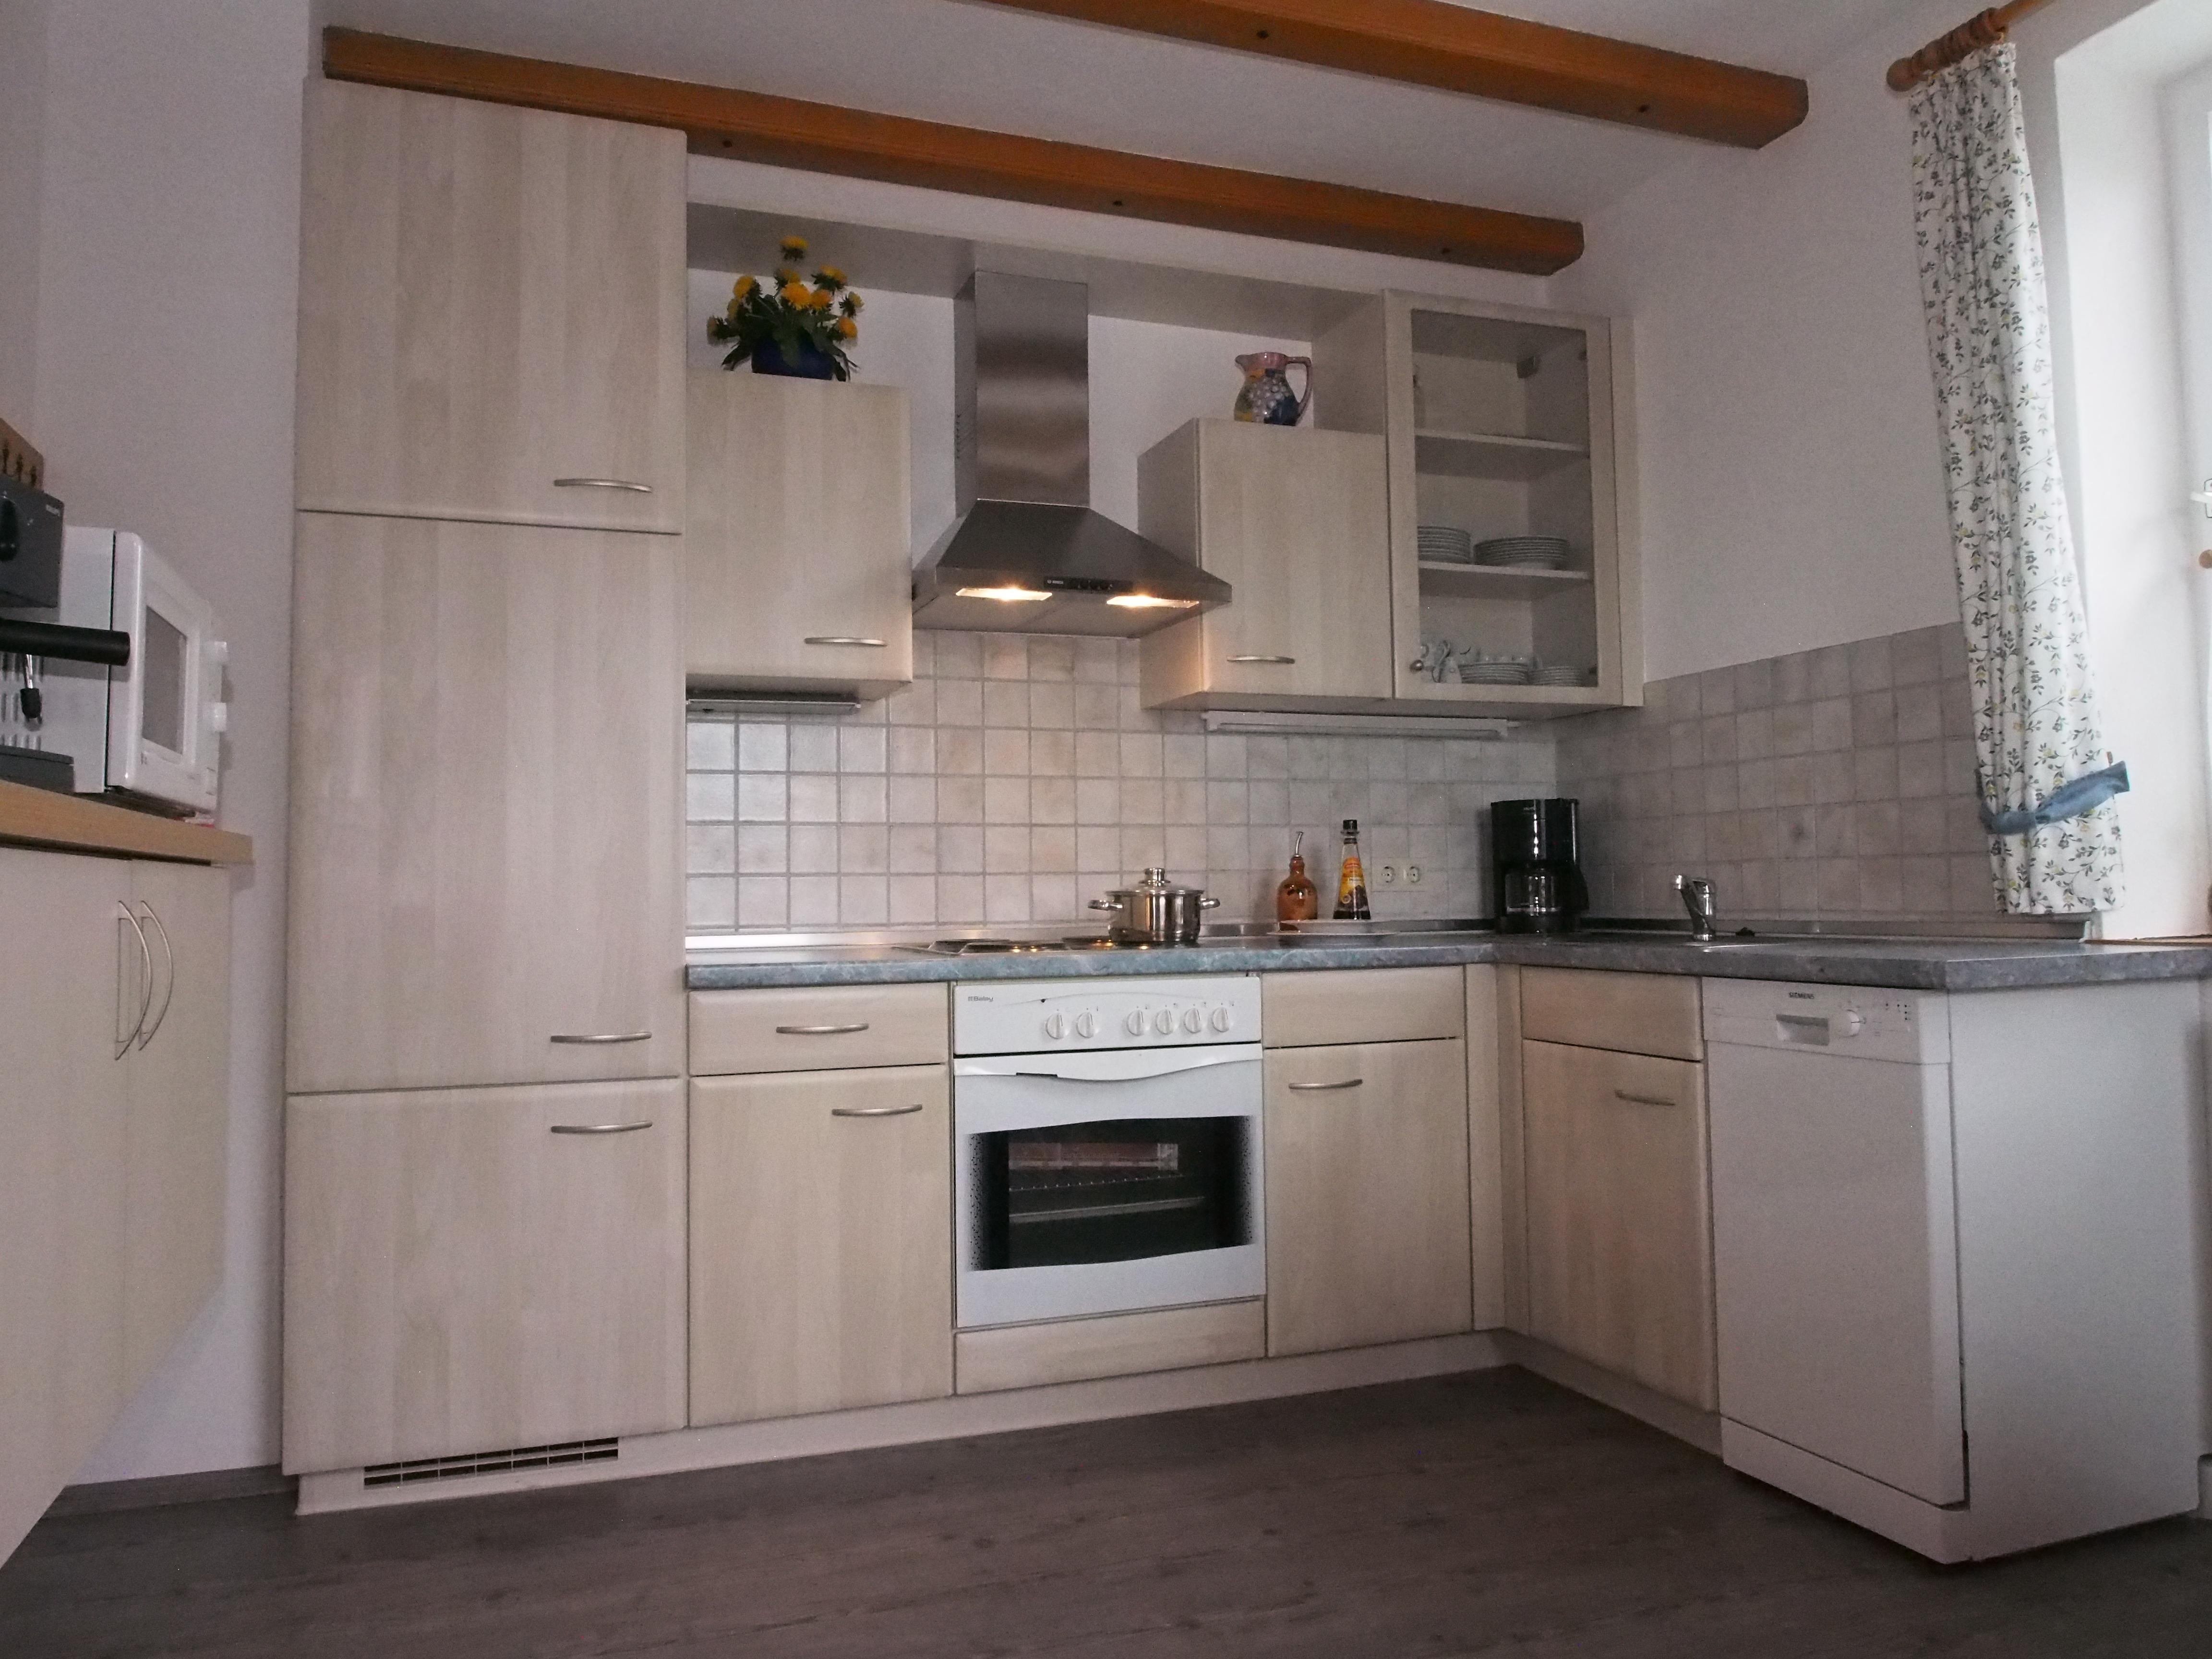 Ferienwohnung Rittler, Küche